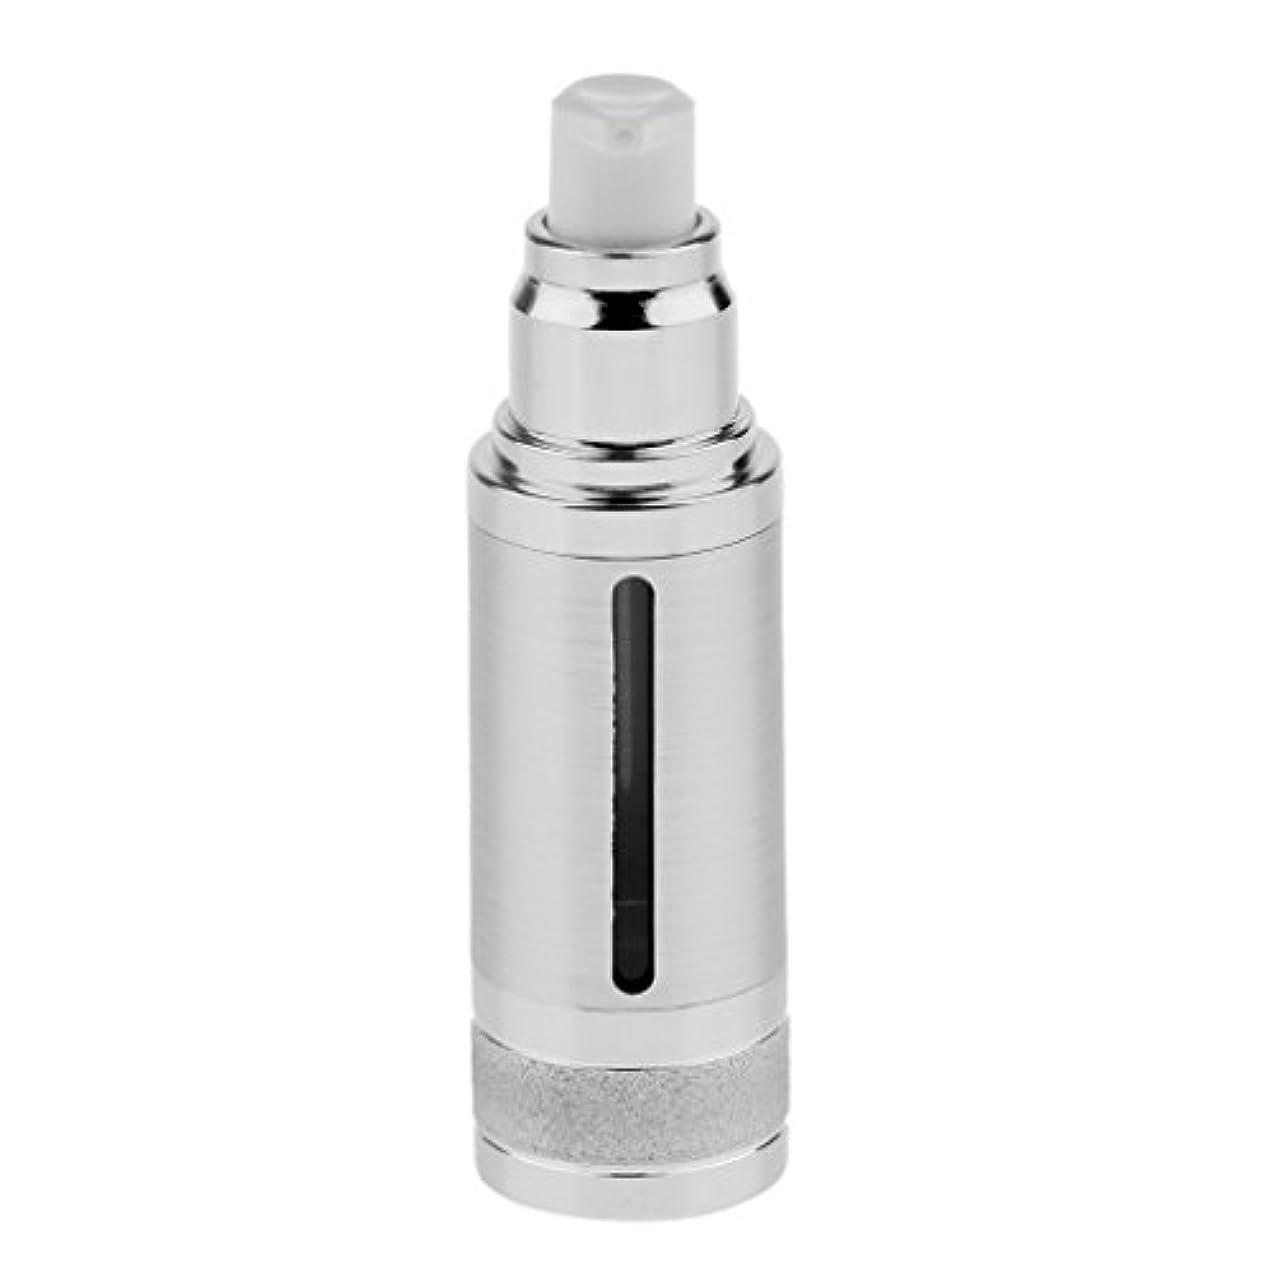 援助するギャロップマントルポンプボトル 空ボトル エアレスボトル 30ml 化粧品 コスメ 香水 オイル 詰替え 容器 DIY 2色選べる - 銀